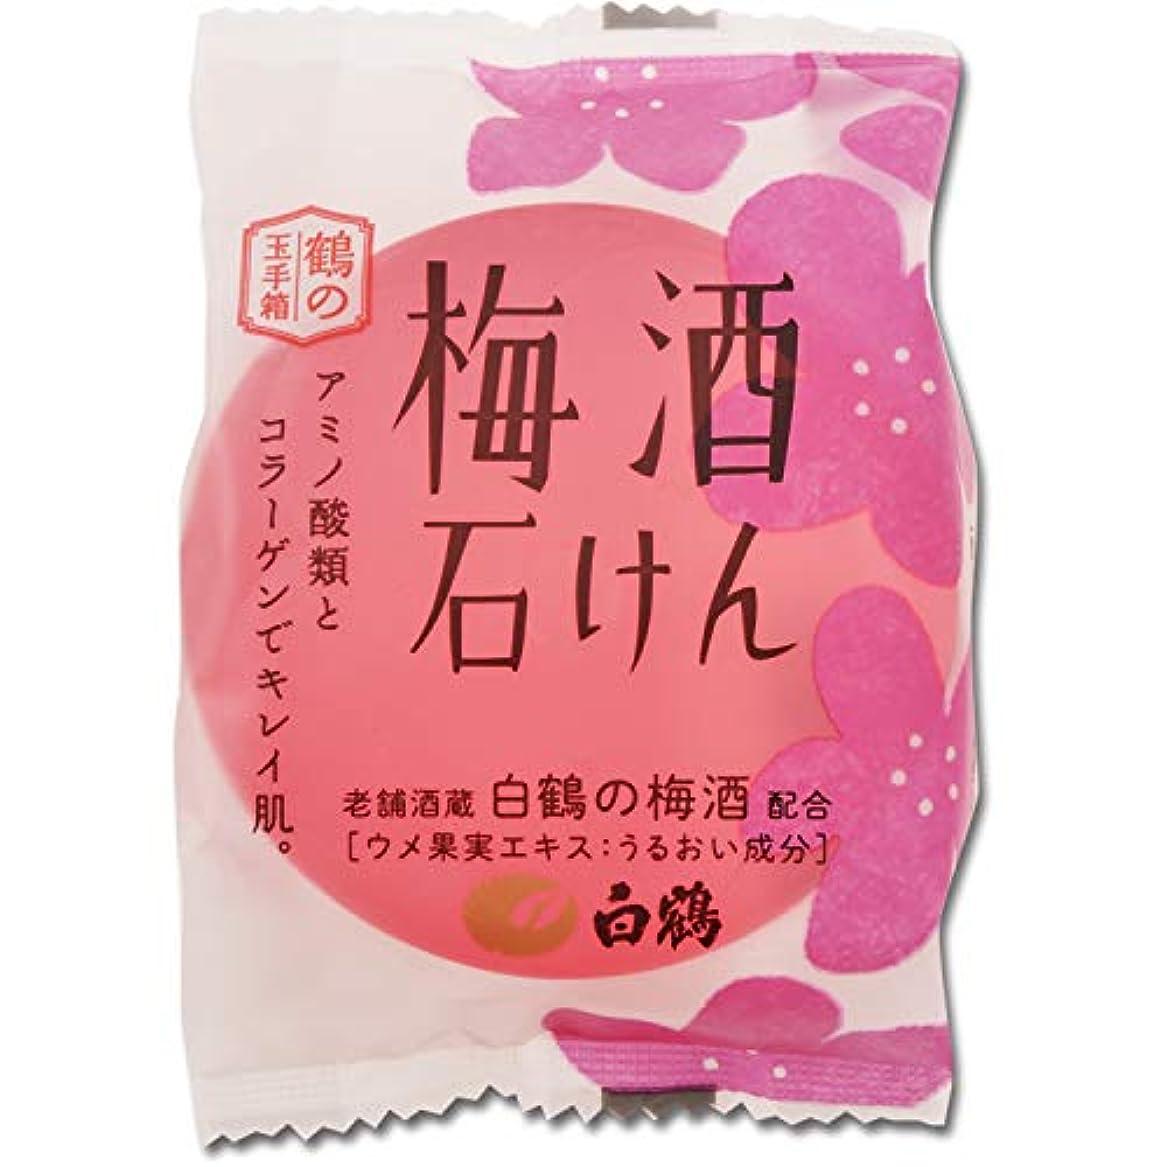 白鶴 鶴の玉手箱 梅酒石けんM  100g